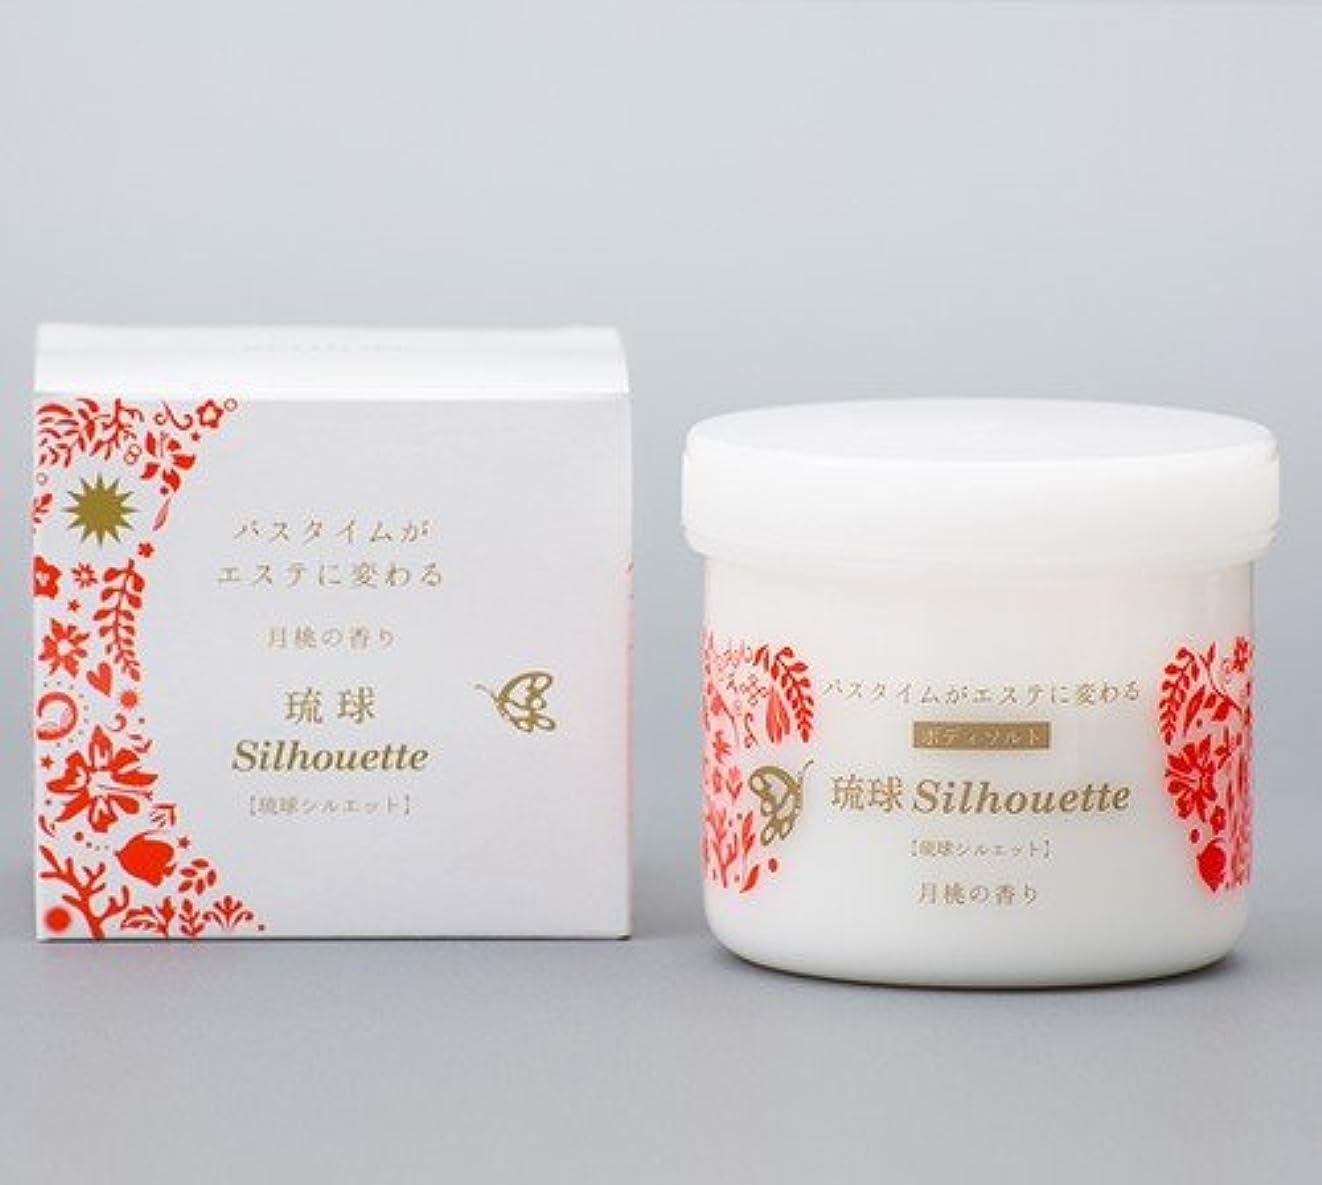 ロッド強い苦情文句月桃の香り 琉球シルエット ソルトソープ(200g)